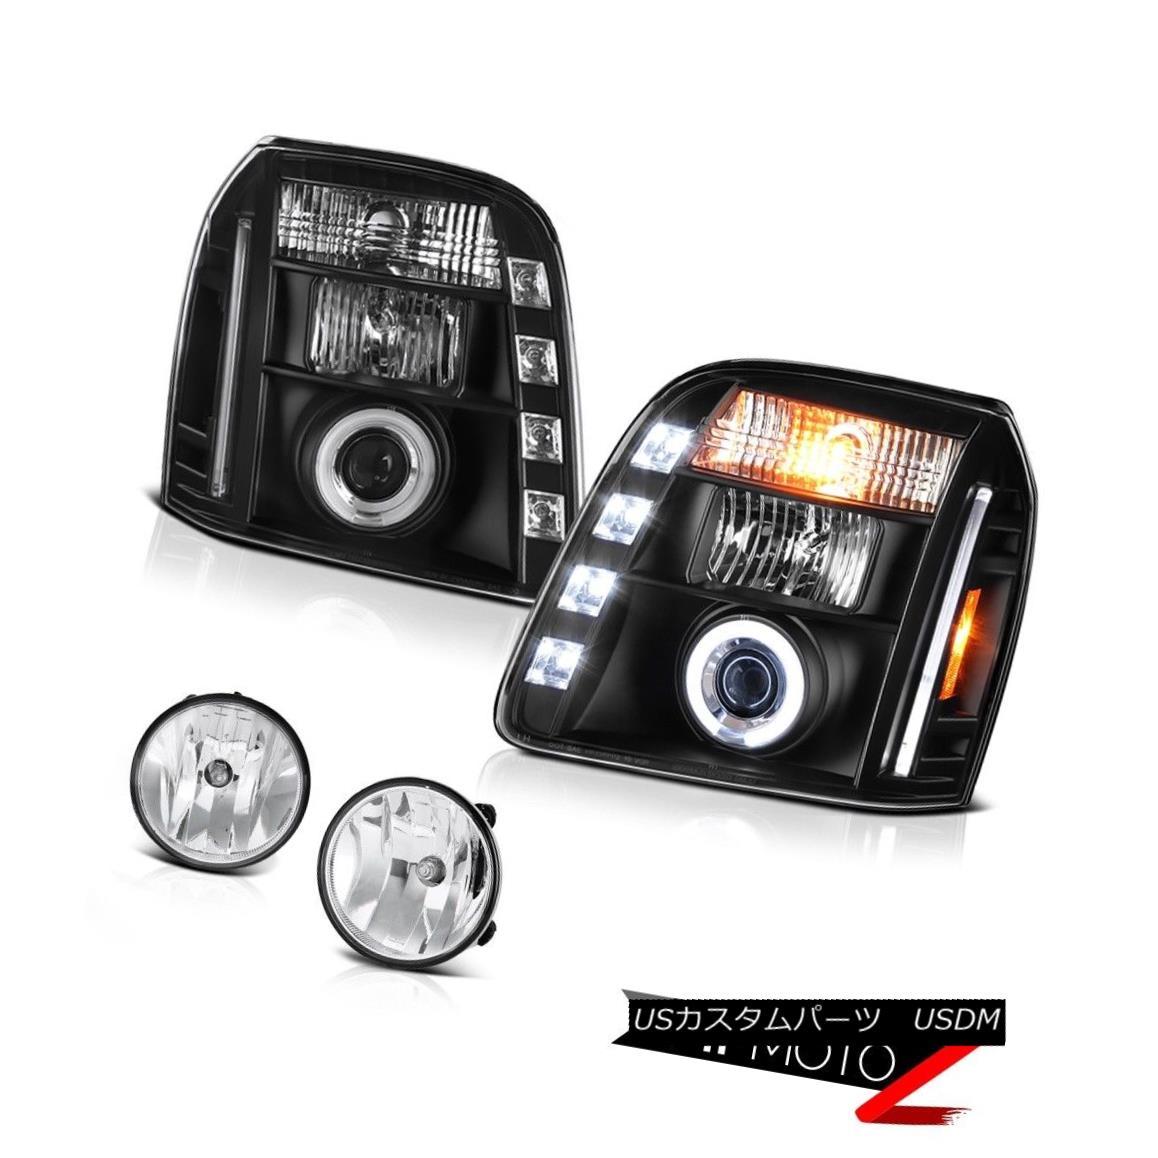 ヘッドライト 2007-2014 GMC Yukon XL Denali Euro Clear Fog Lights Nighthawk Black Headlamps 2007-2014 GMC Yukon XLデナリユーロクリアフォグライトナイトホークブラックヘッドランプ